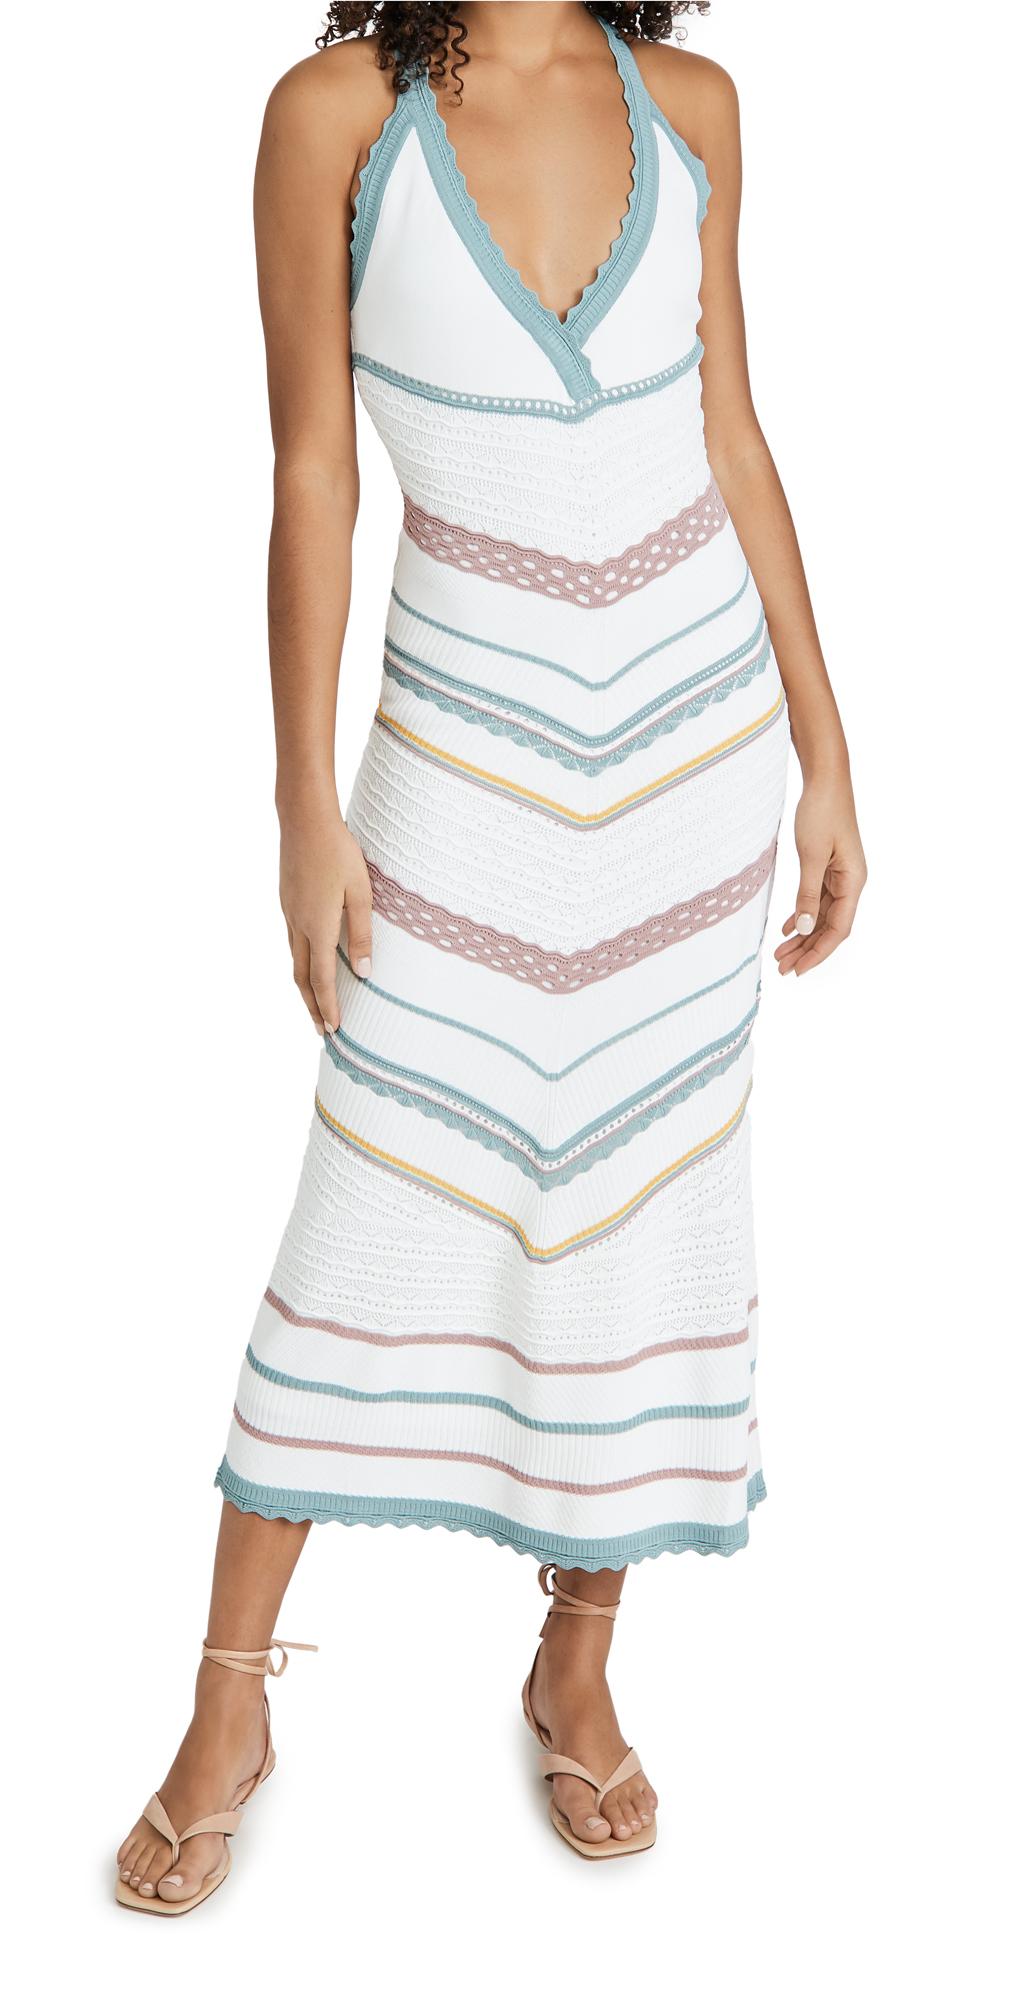 Alexis Allia Dress